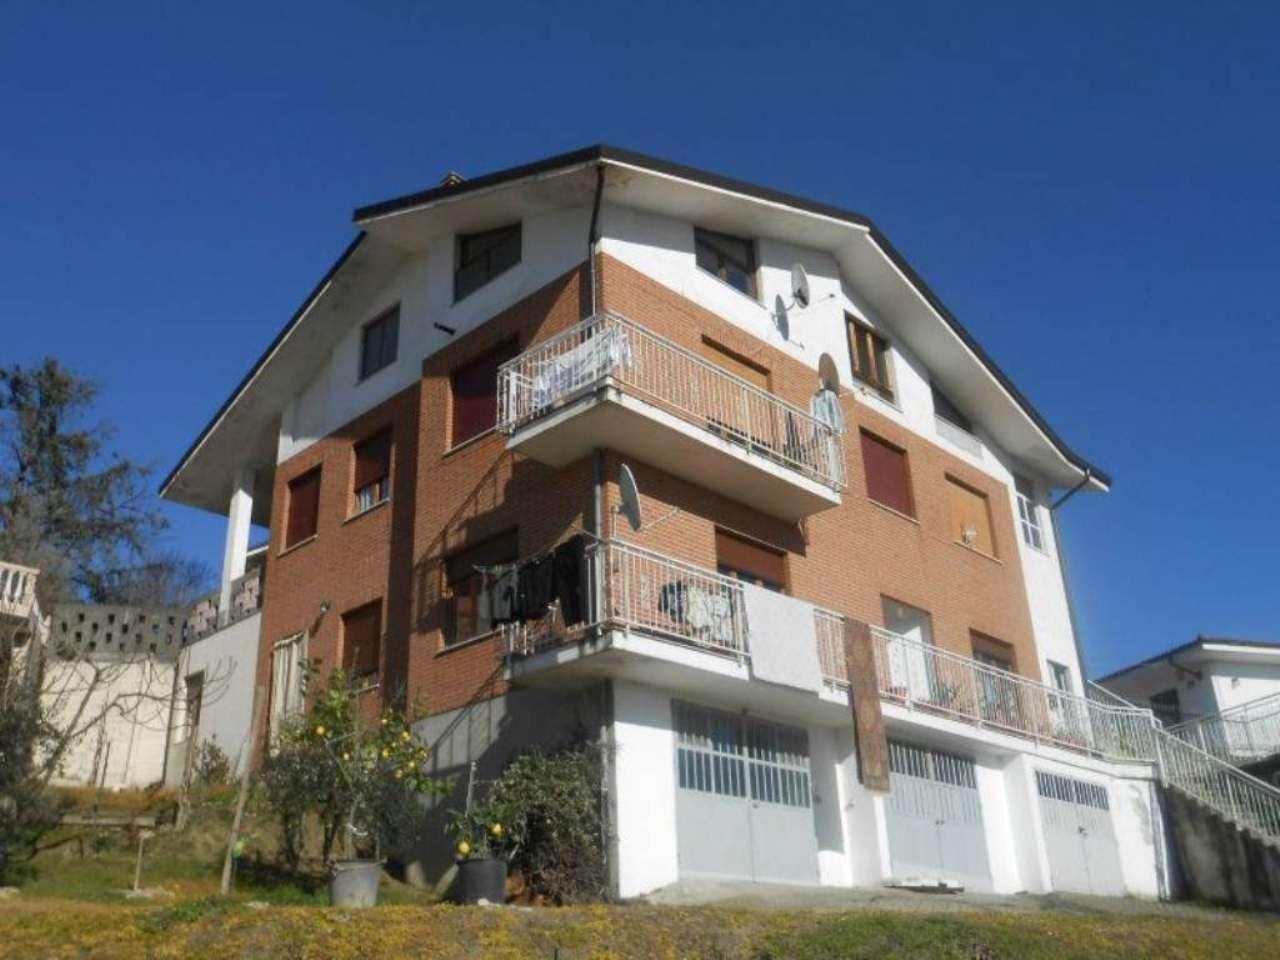 Attico / Mansarda in vendita a Berzano di San Pietro, 5 locali, prezzo € 68.000 | Cambio Casa.it